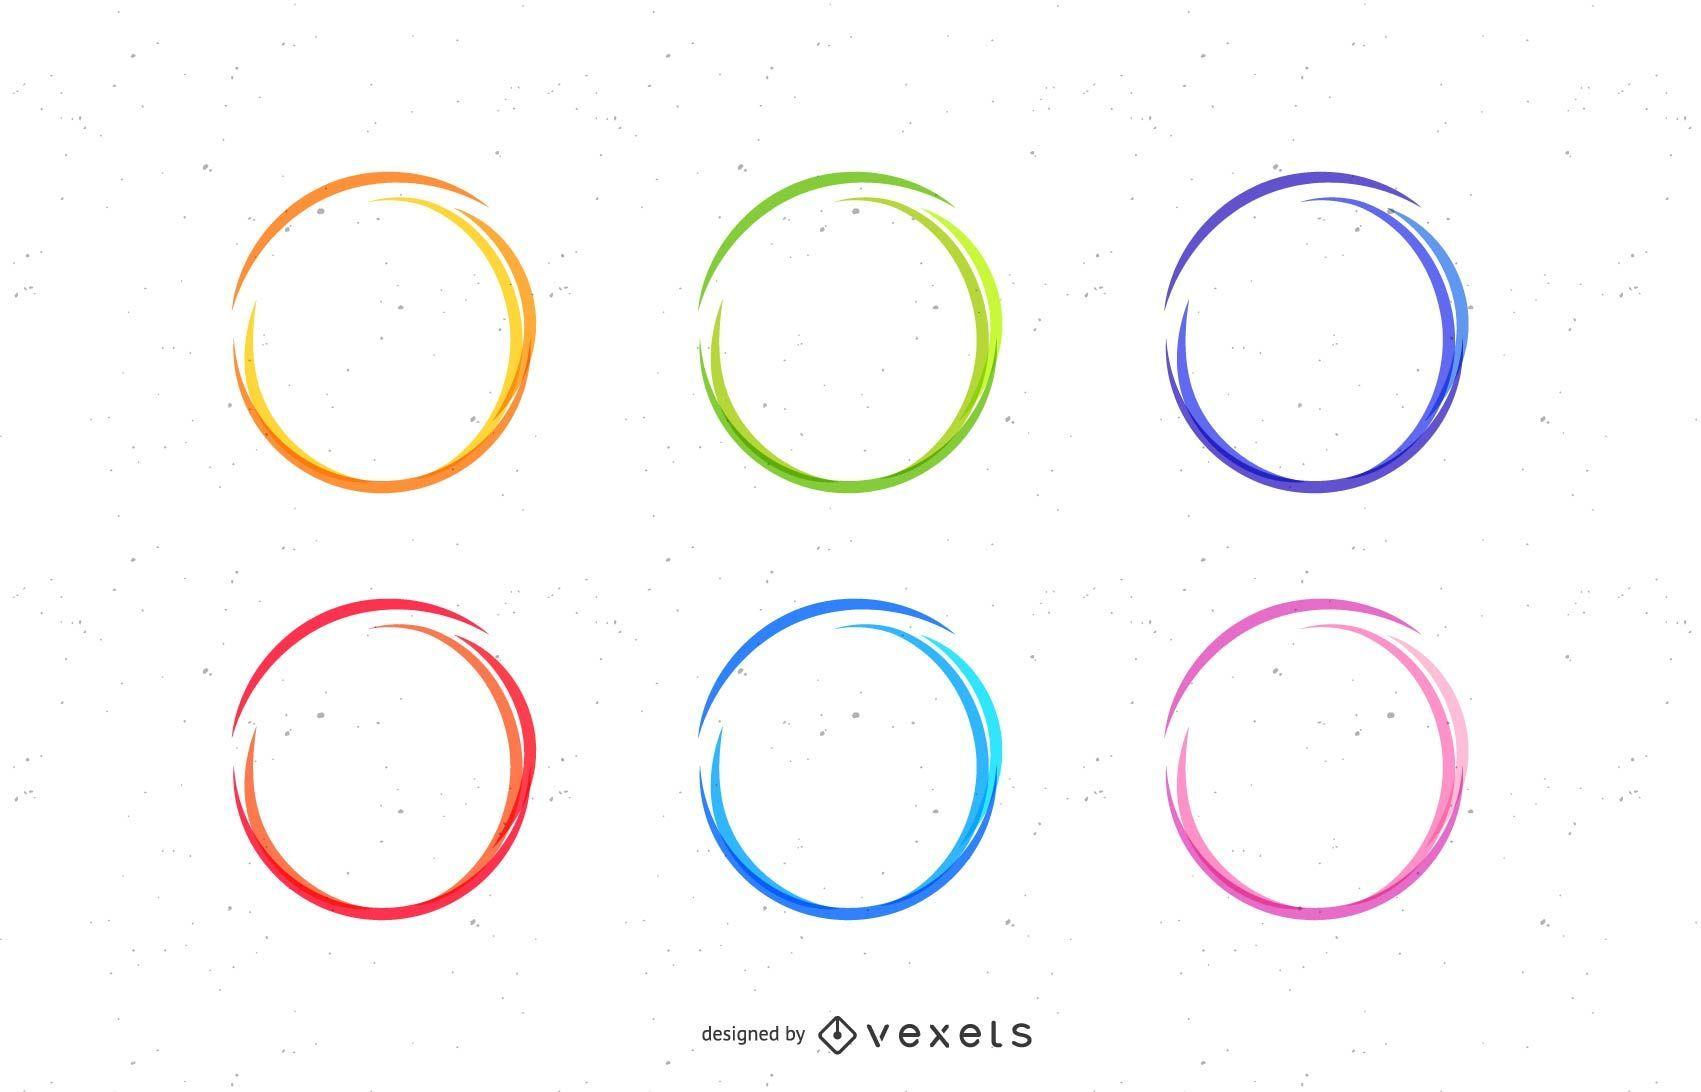 Conjunto de círculos de dibujo